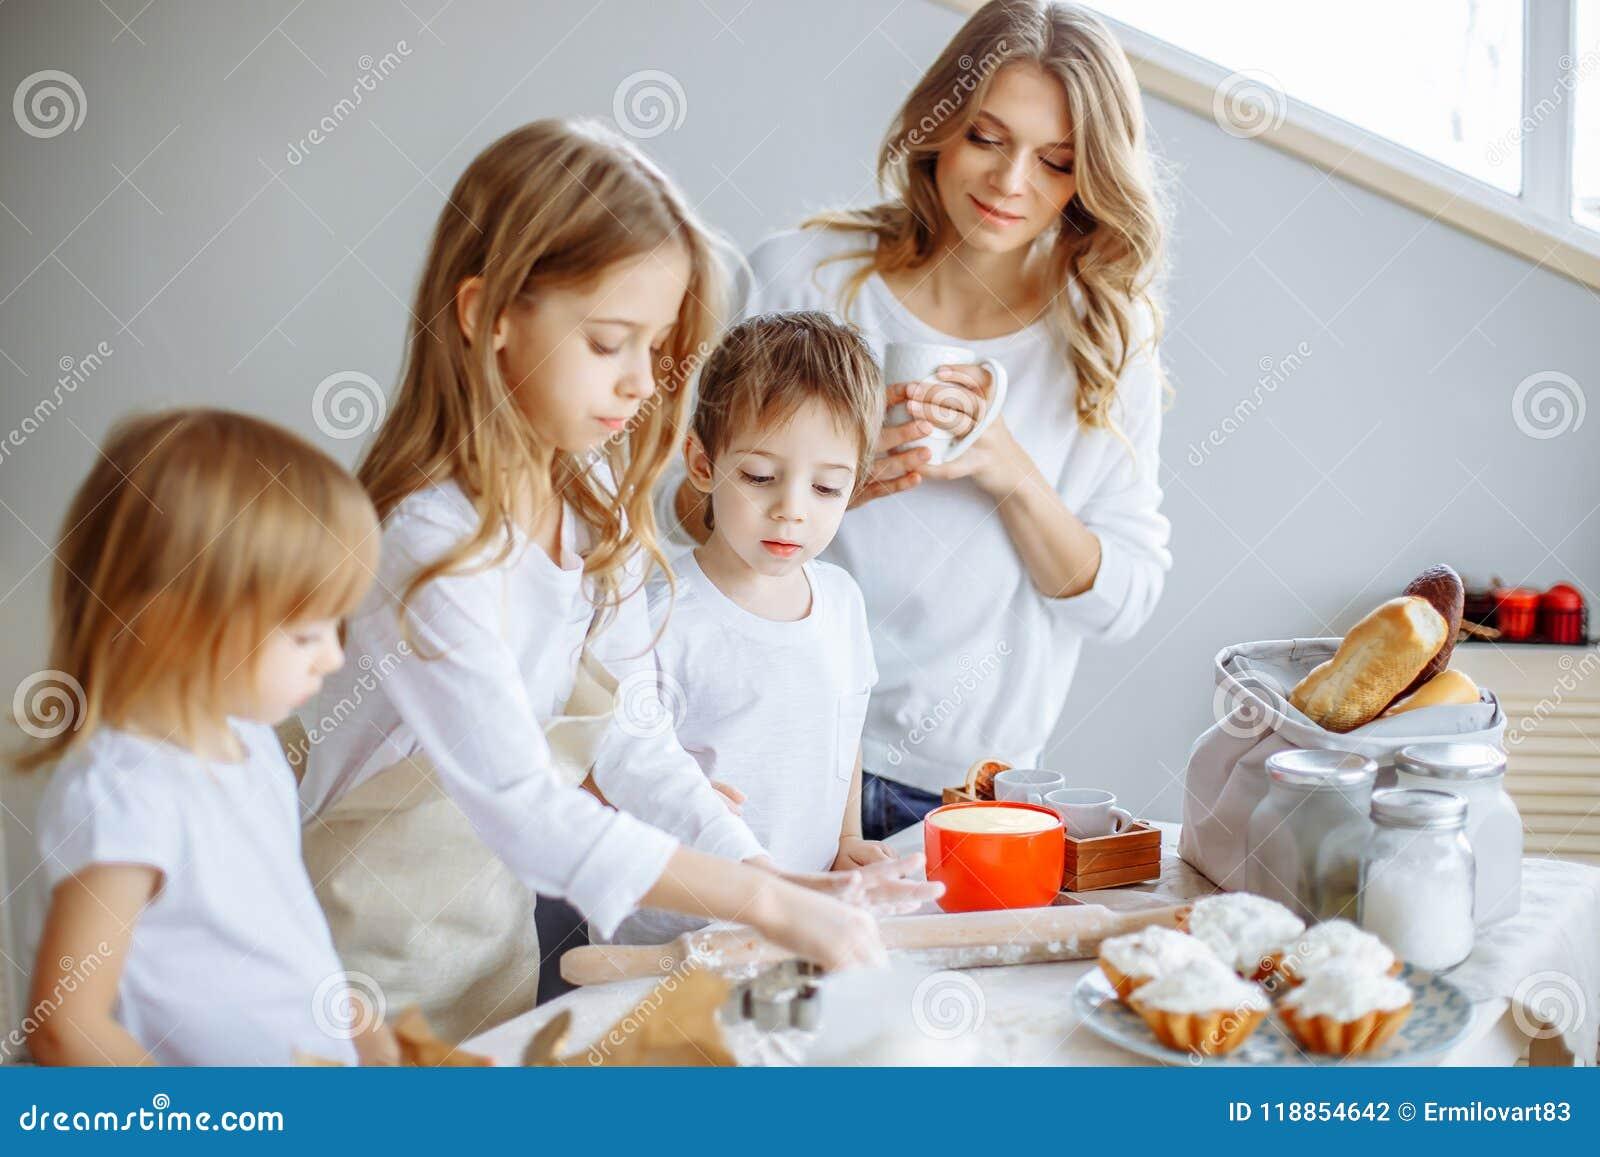 Gelukkige familie in de keuken De moeder en haar leuke jonge geitjes koken koekjes